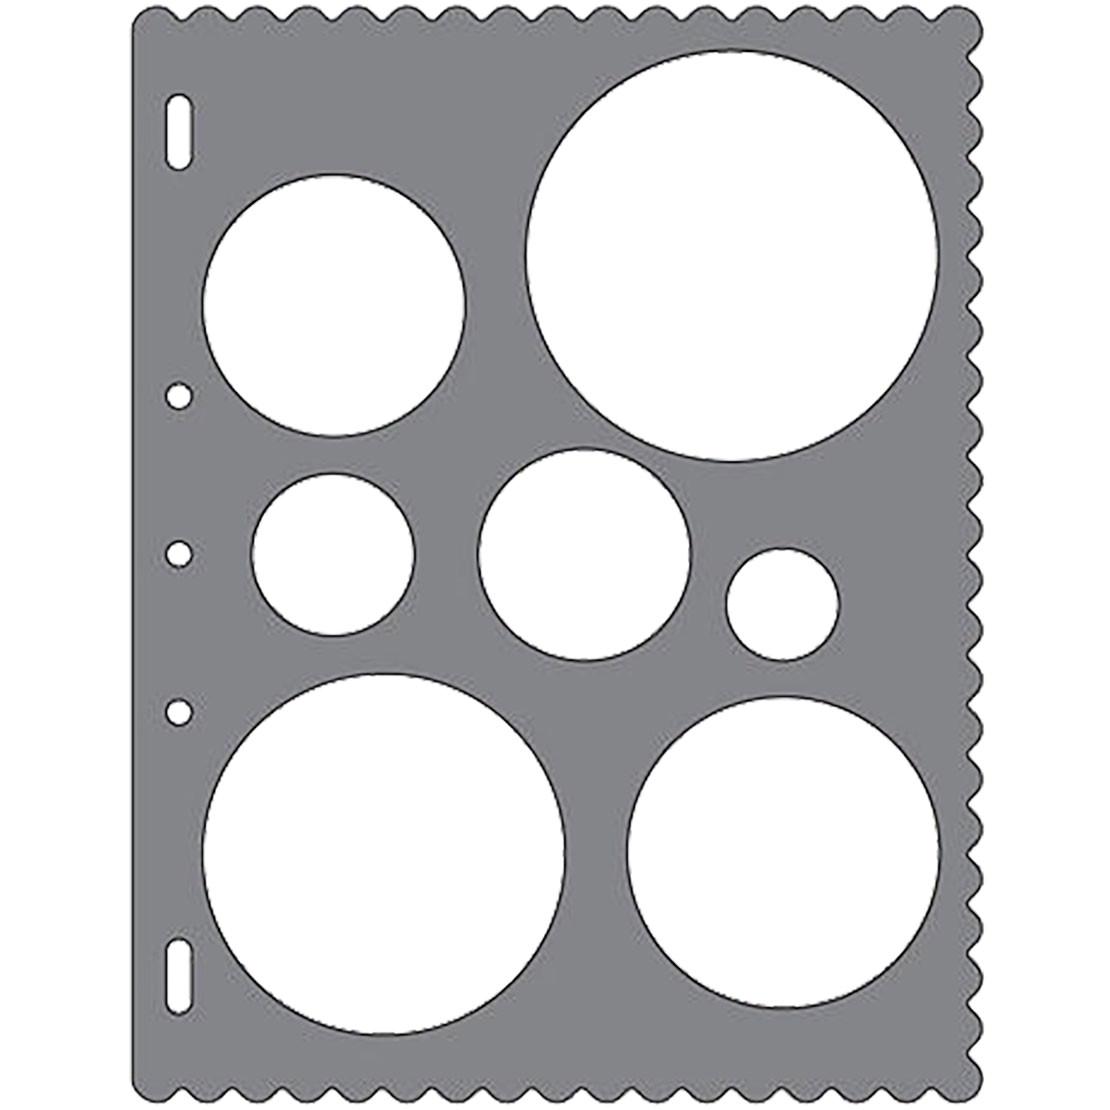 Fiskars Shape Cutter Templates Shape Template Circles